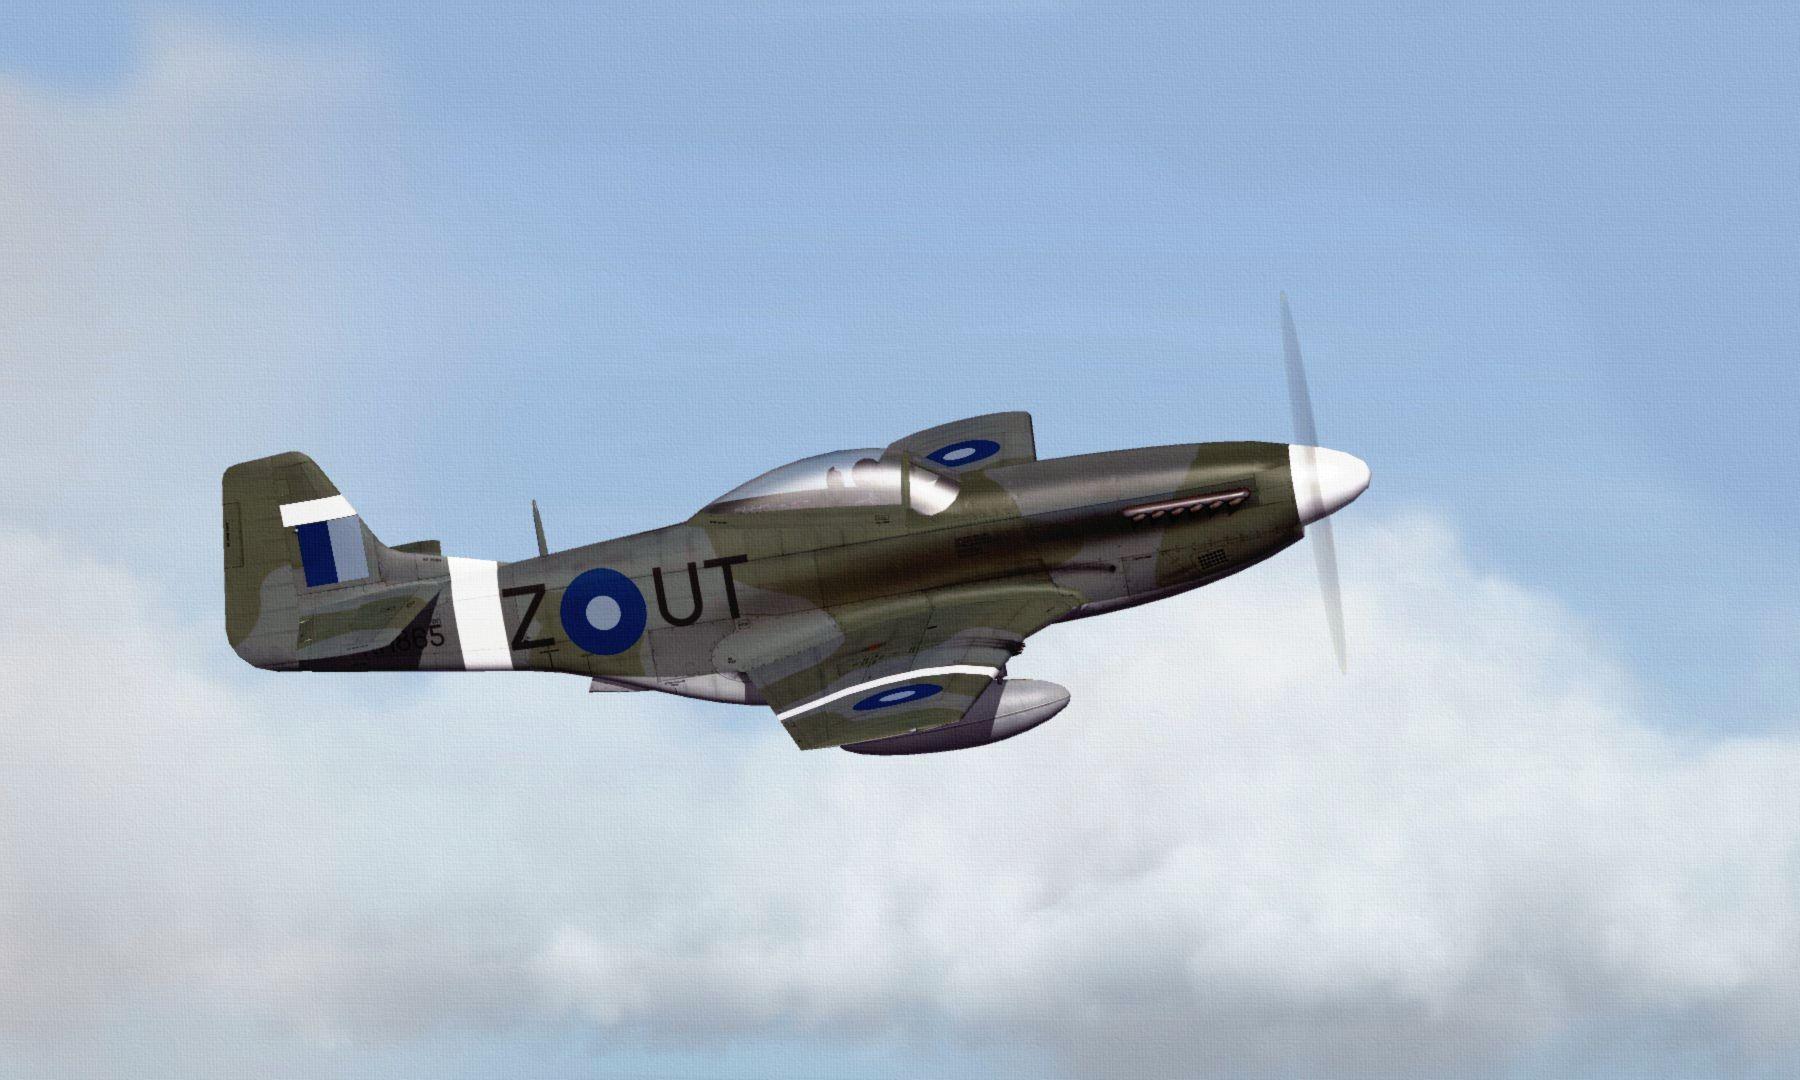 RAFP-51DMUSTANG404_zpscbdb57ea.jpg